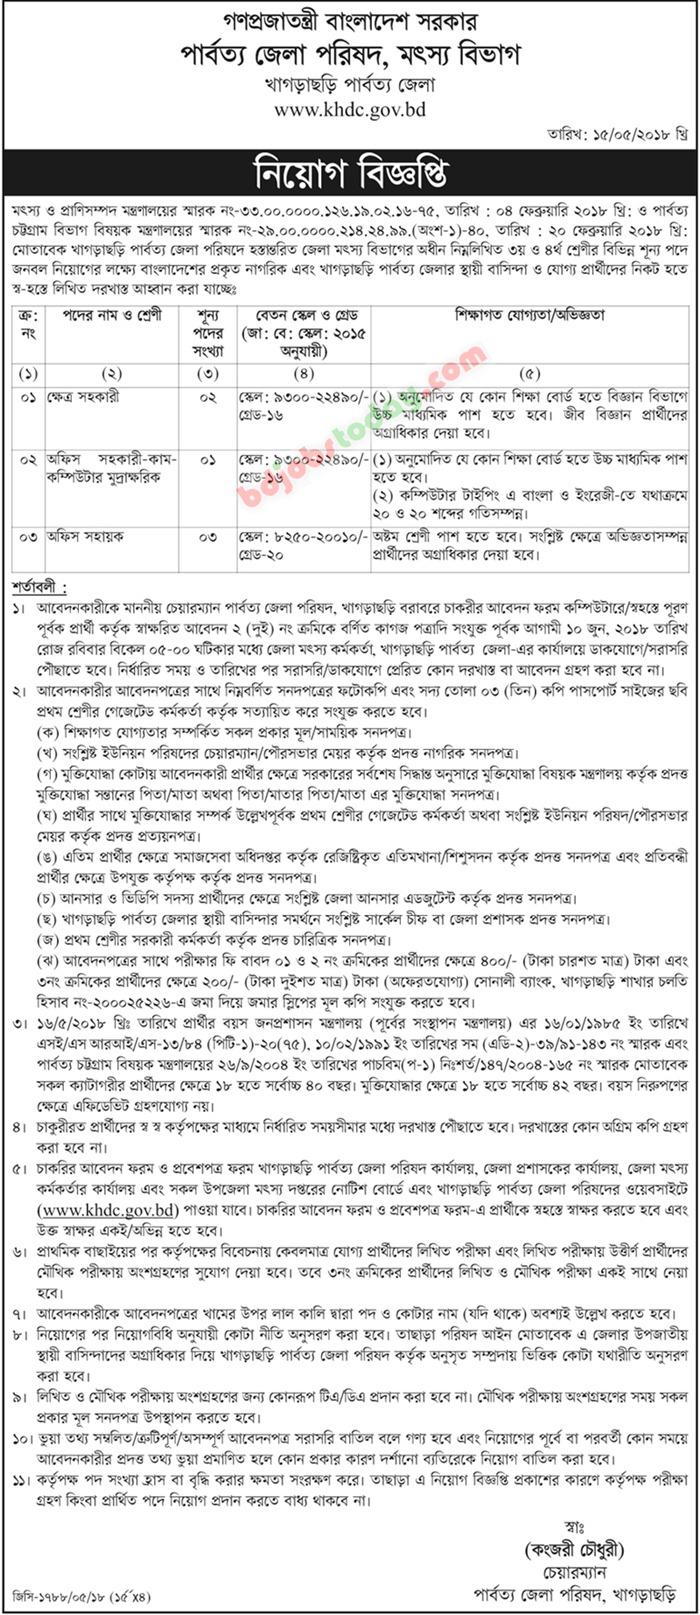 Khagarachari Hill District Council jobs